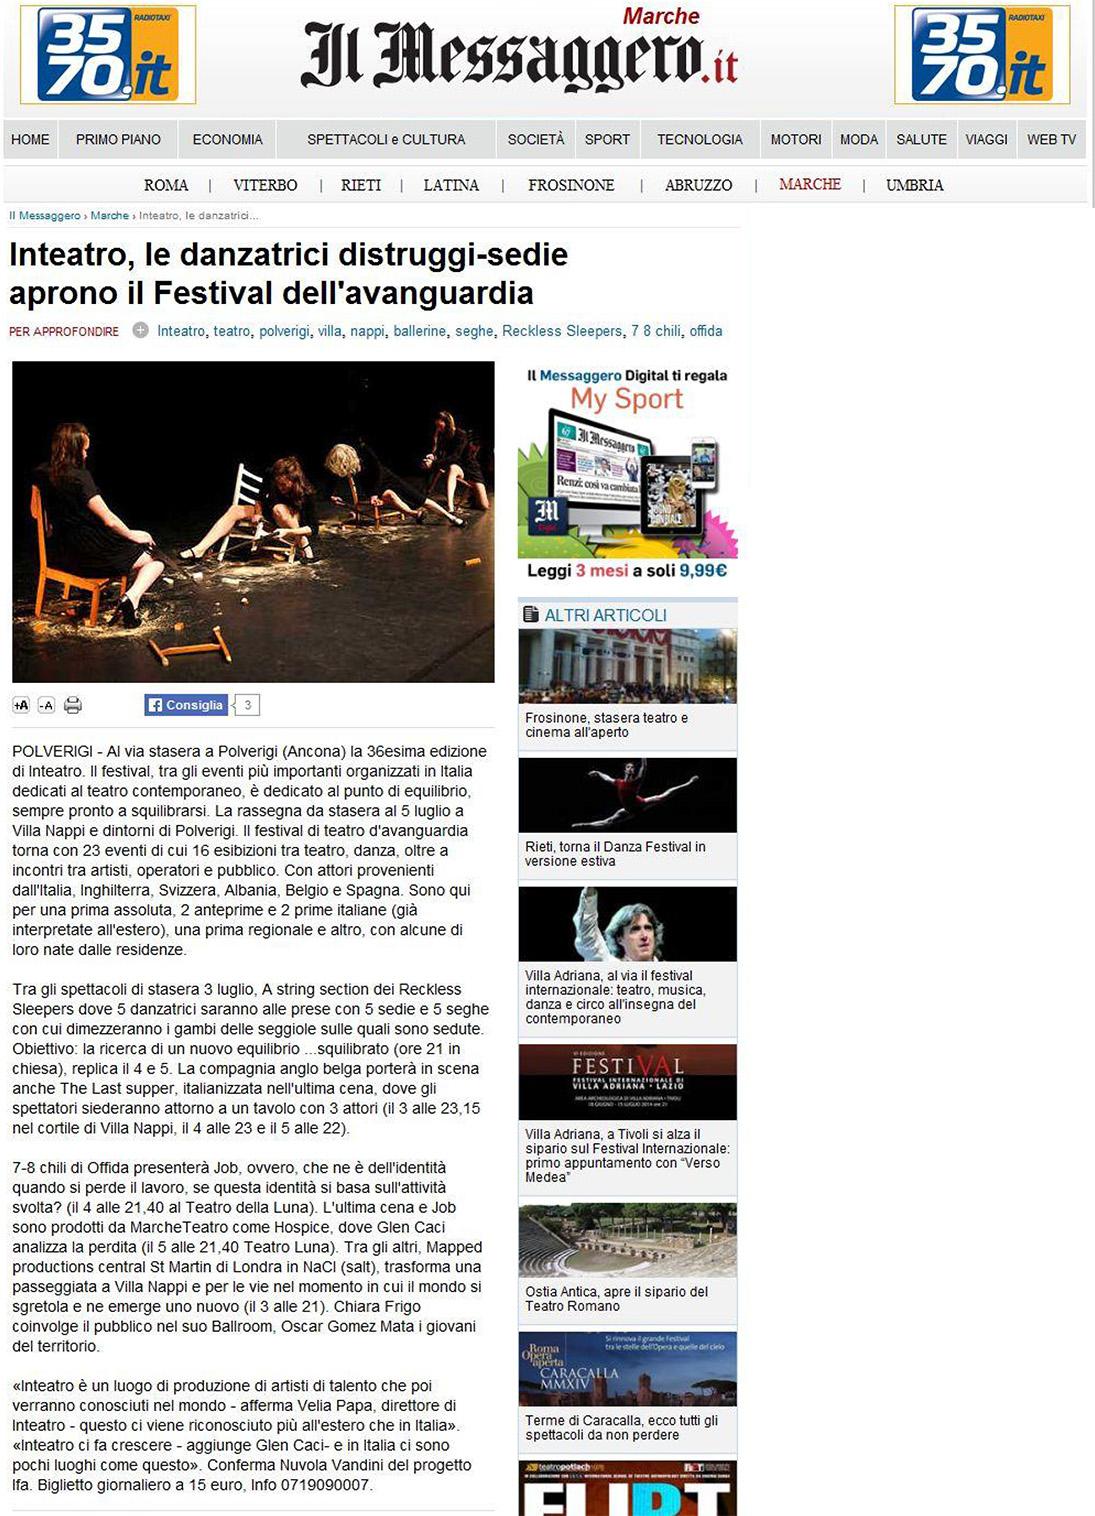 2014.07.03 Inteatro, le danzatrici-distruggitrici aprono il Festival dell'avanguardia - ilmessaggero.it